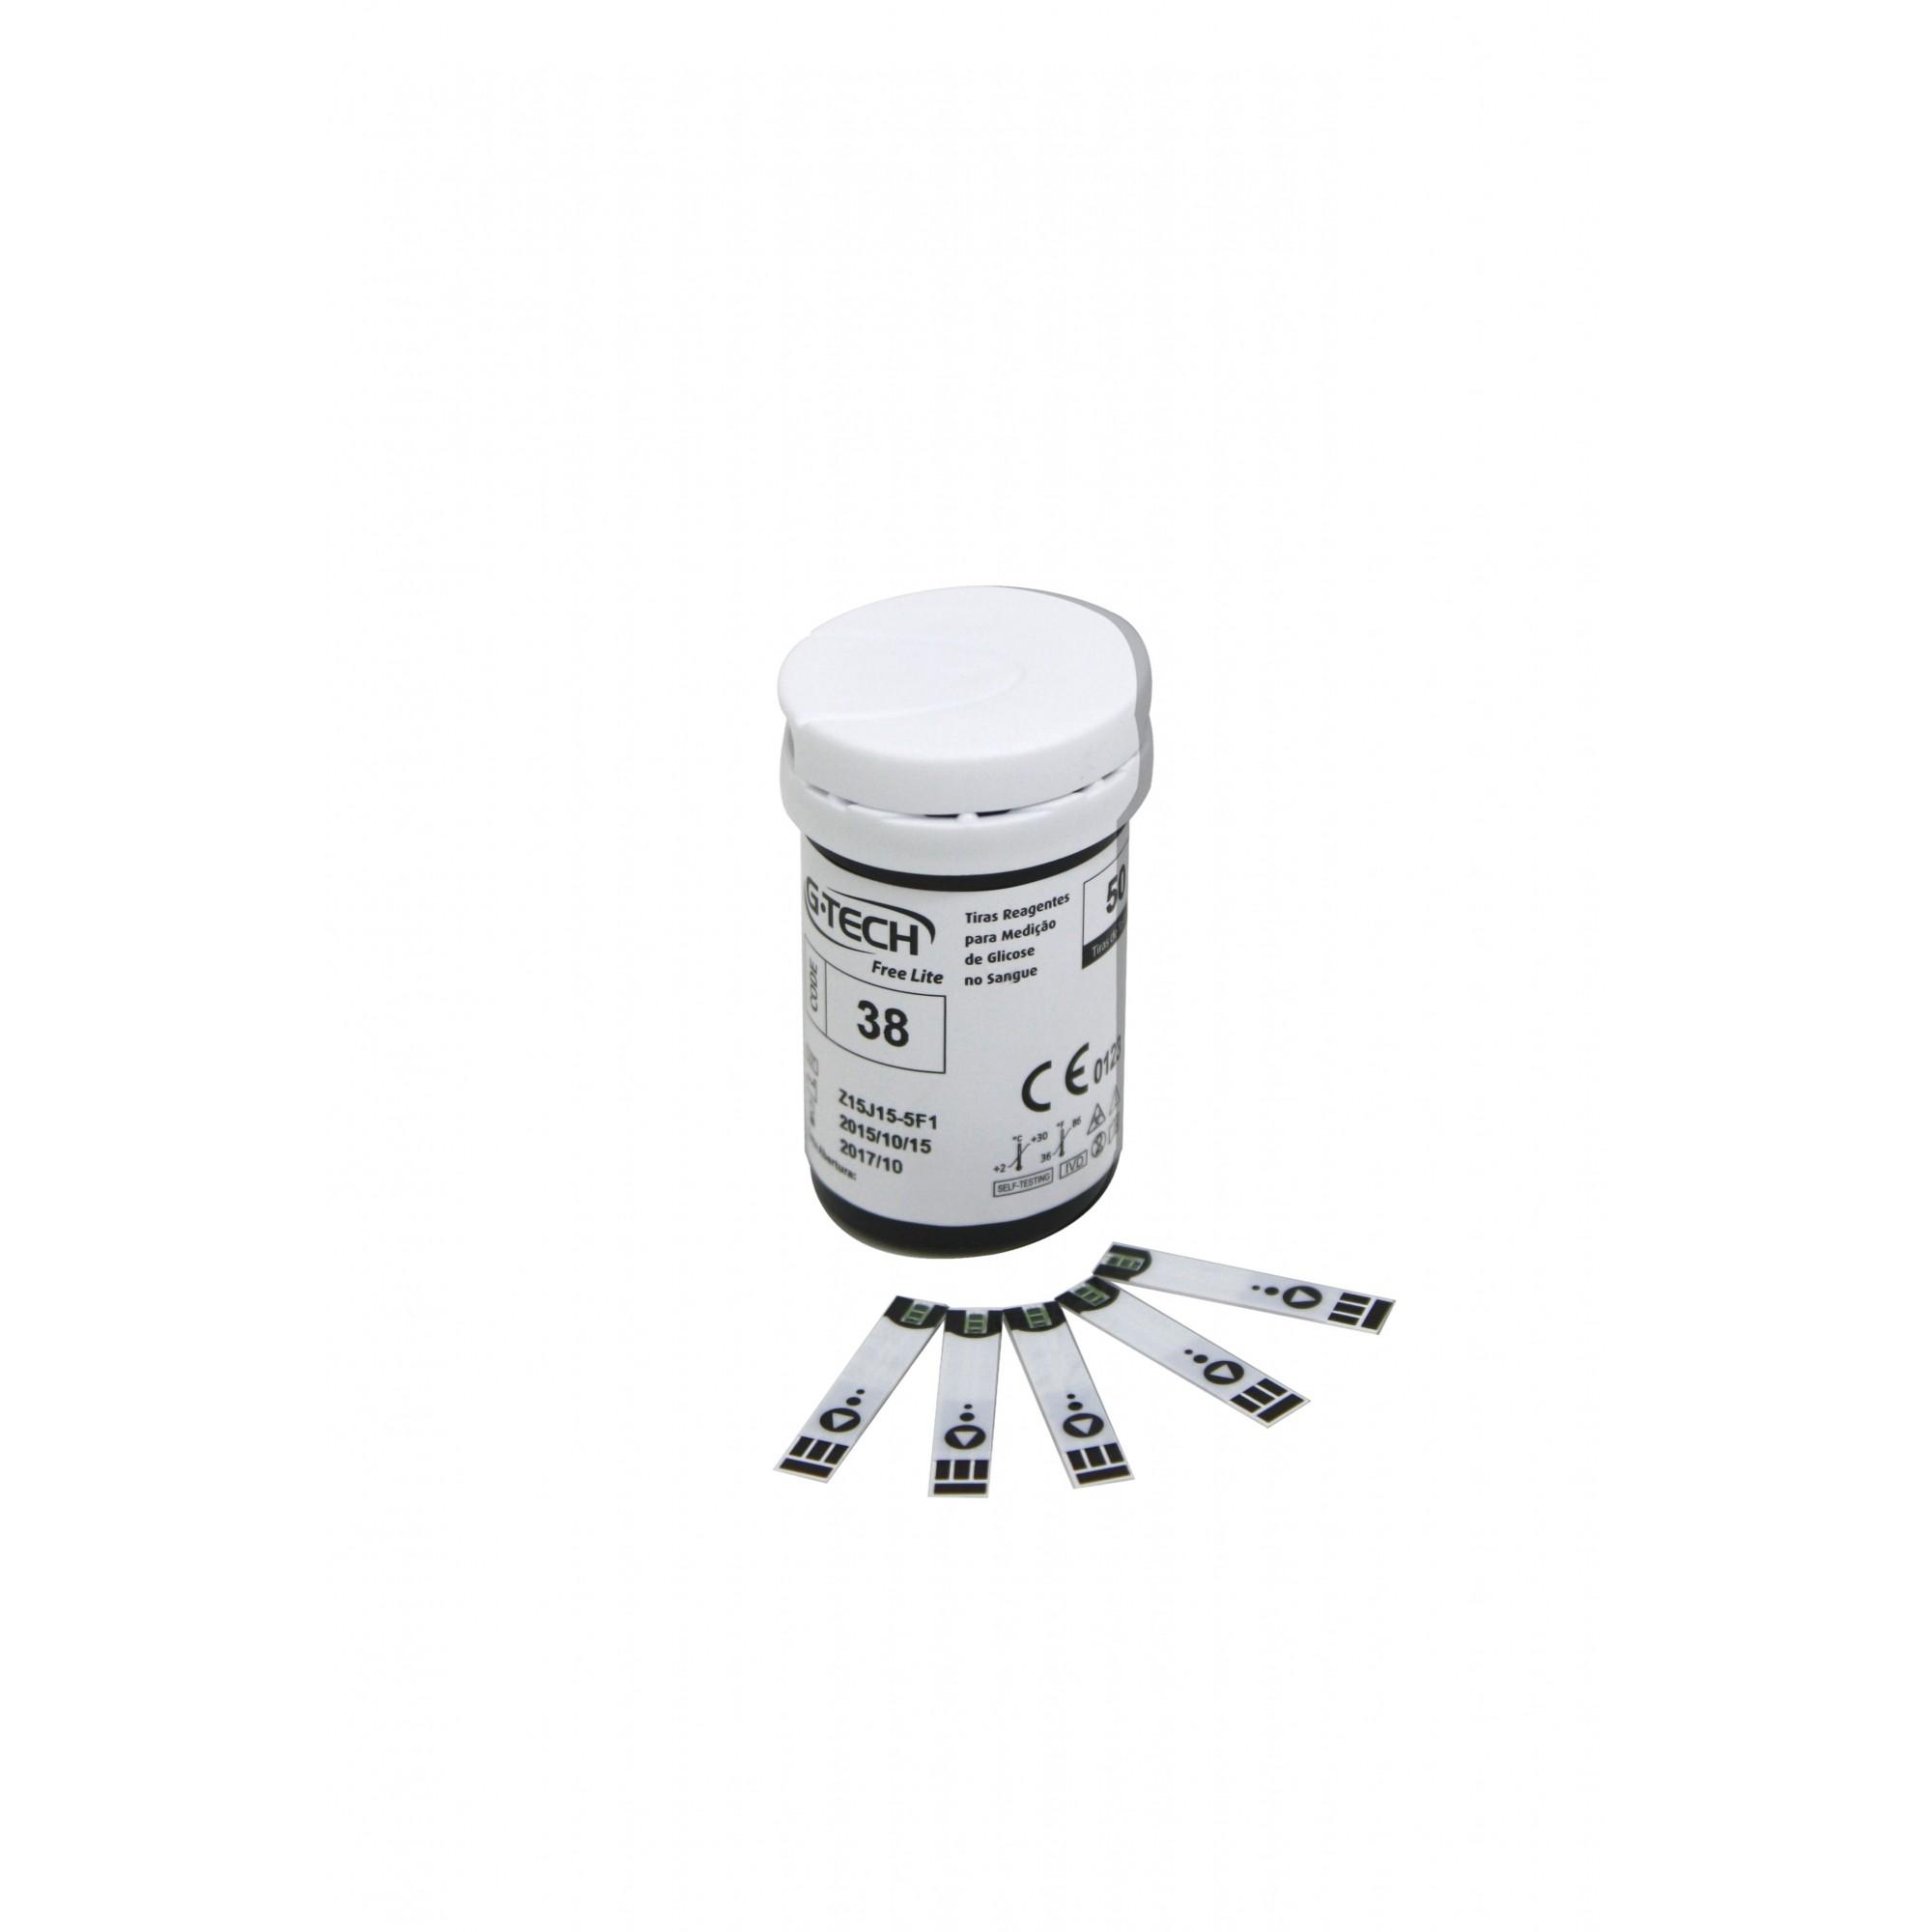 Tiras reagentes G-tech free lite / 50 unidades